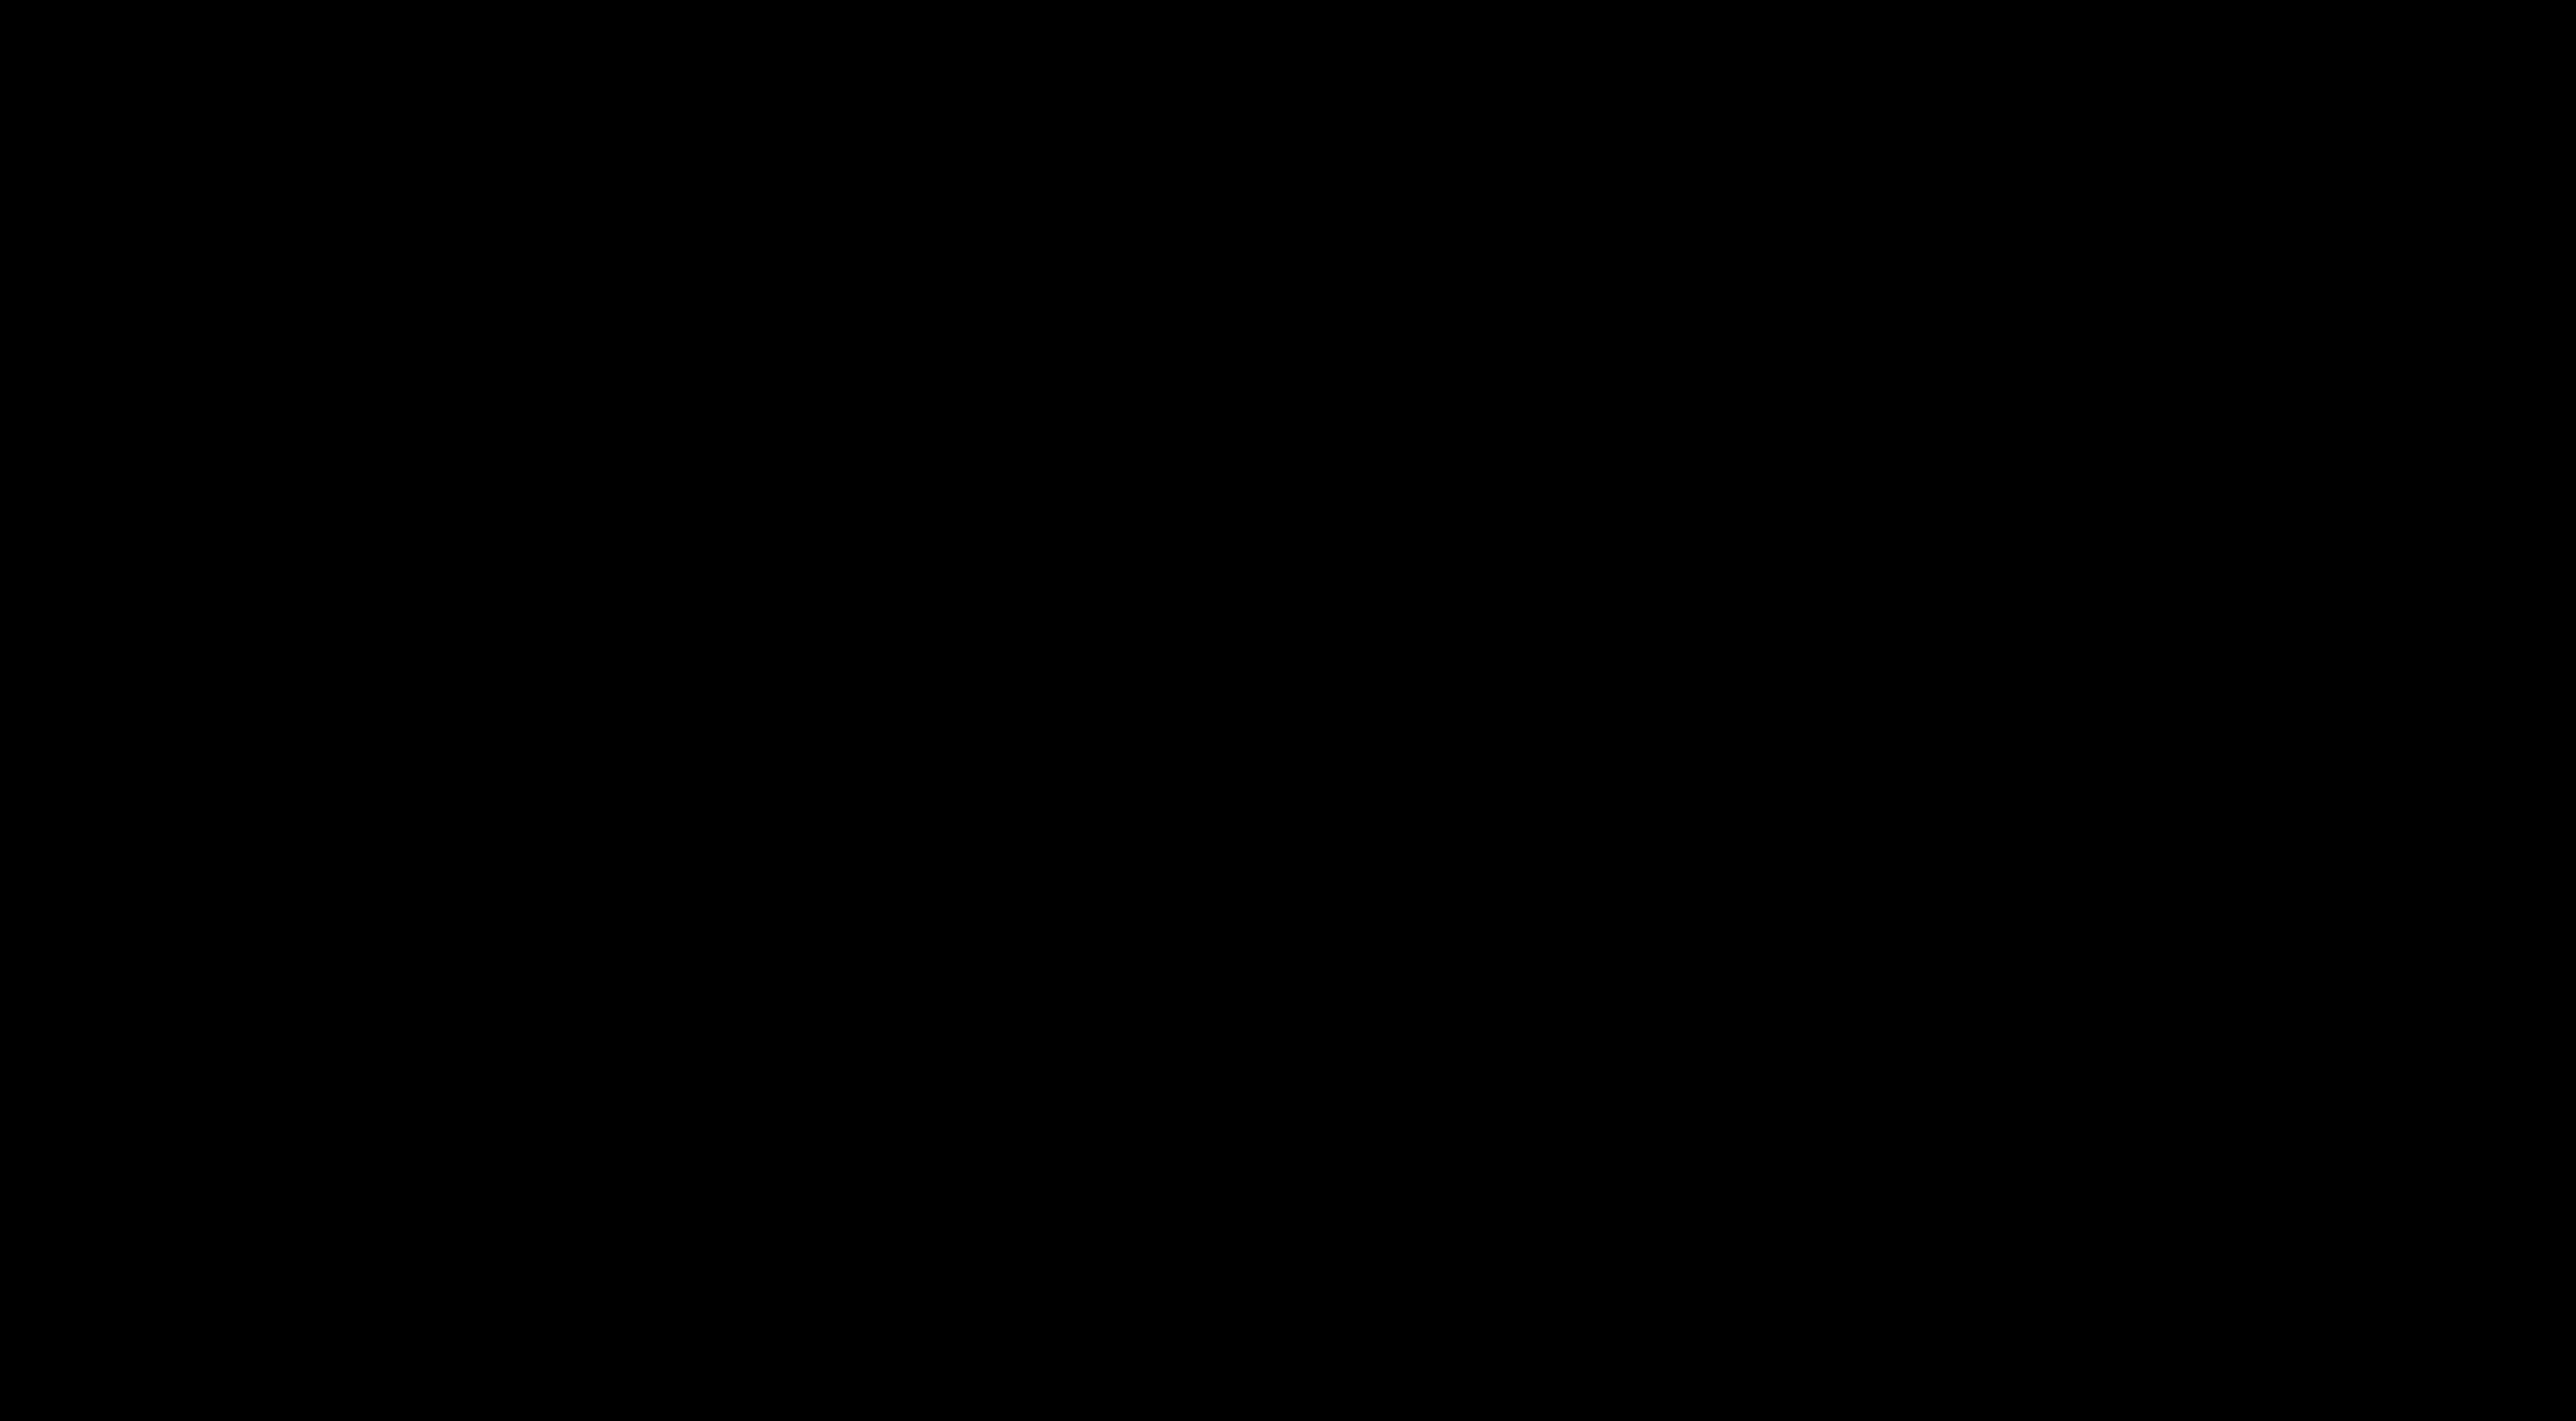 Jeugdspoar